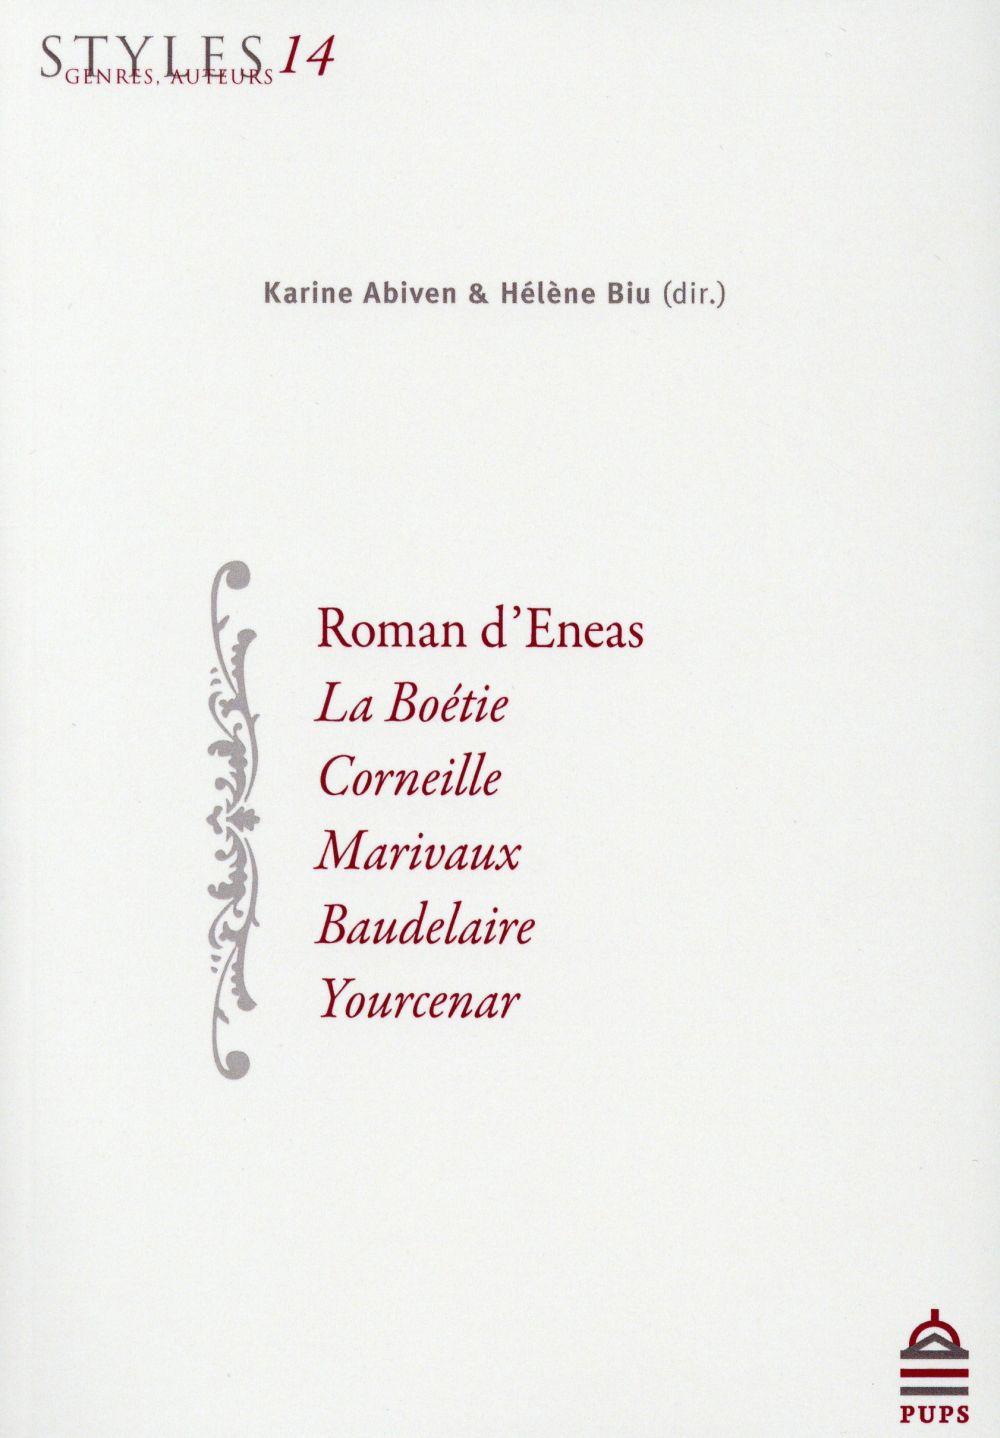 Roman d'Eneas, La Boétie, Corneille, Marivaux, Baudelaire, Yourcenar